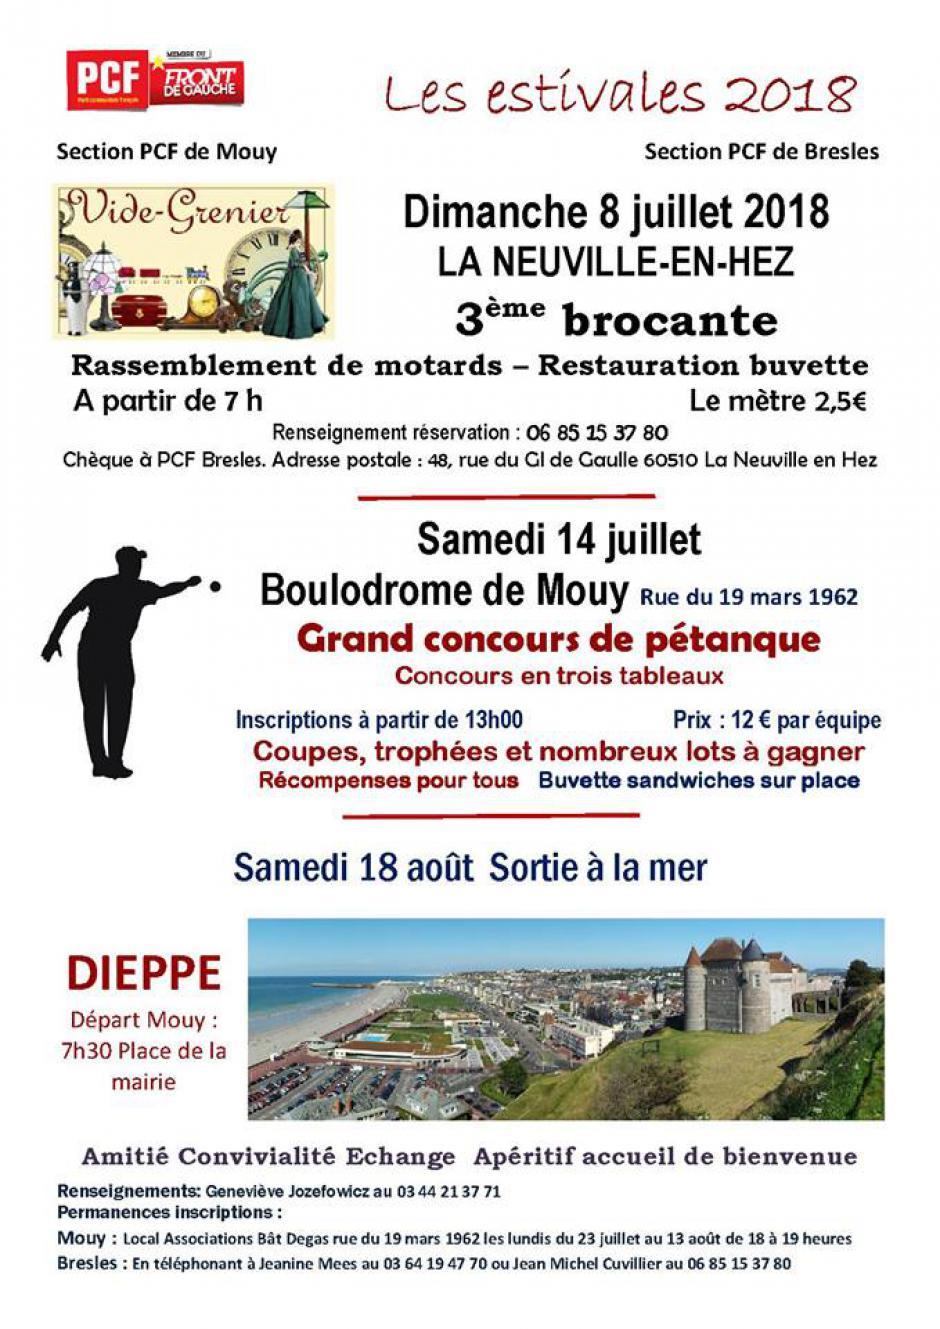 14 juillet, Mouy - Grand concours de pétanque du PCF Mouy